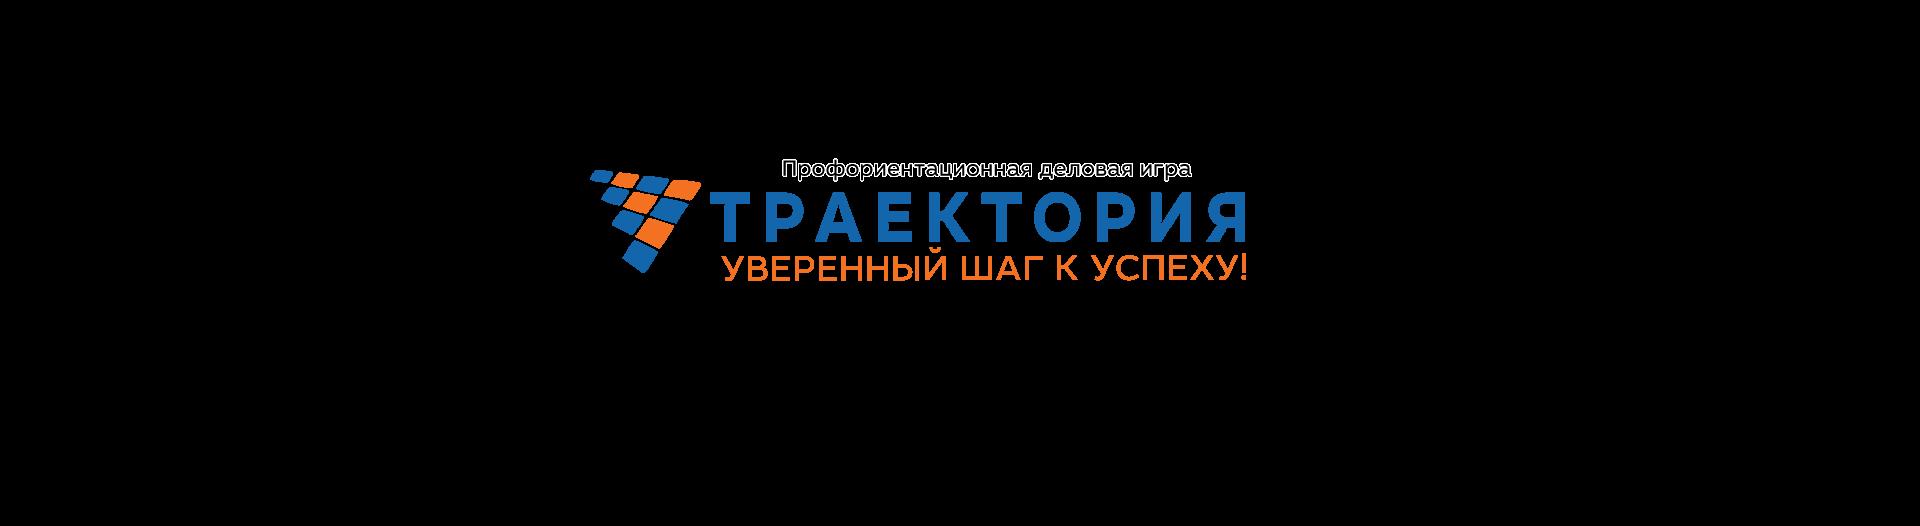 Traektoria_logo